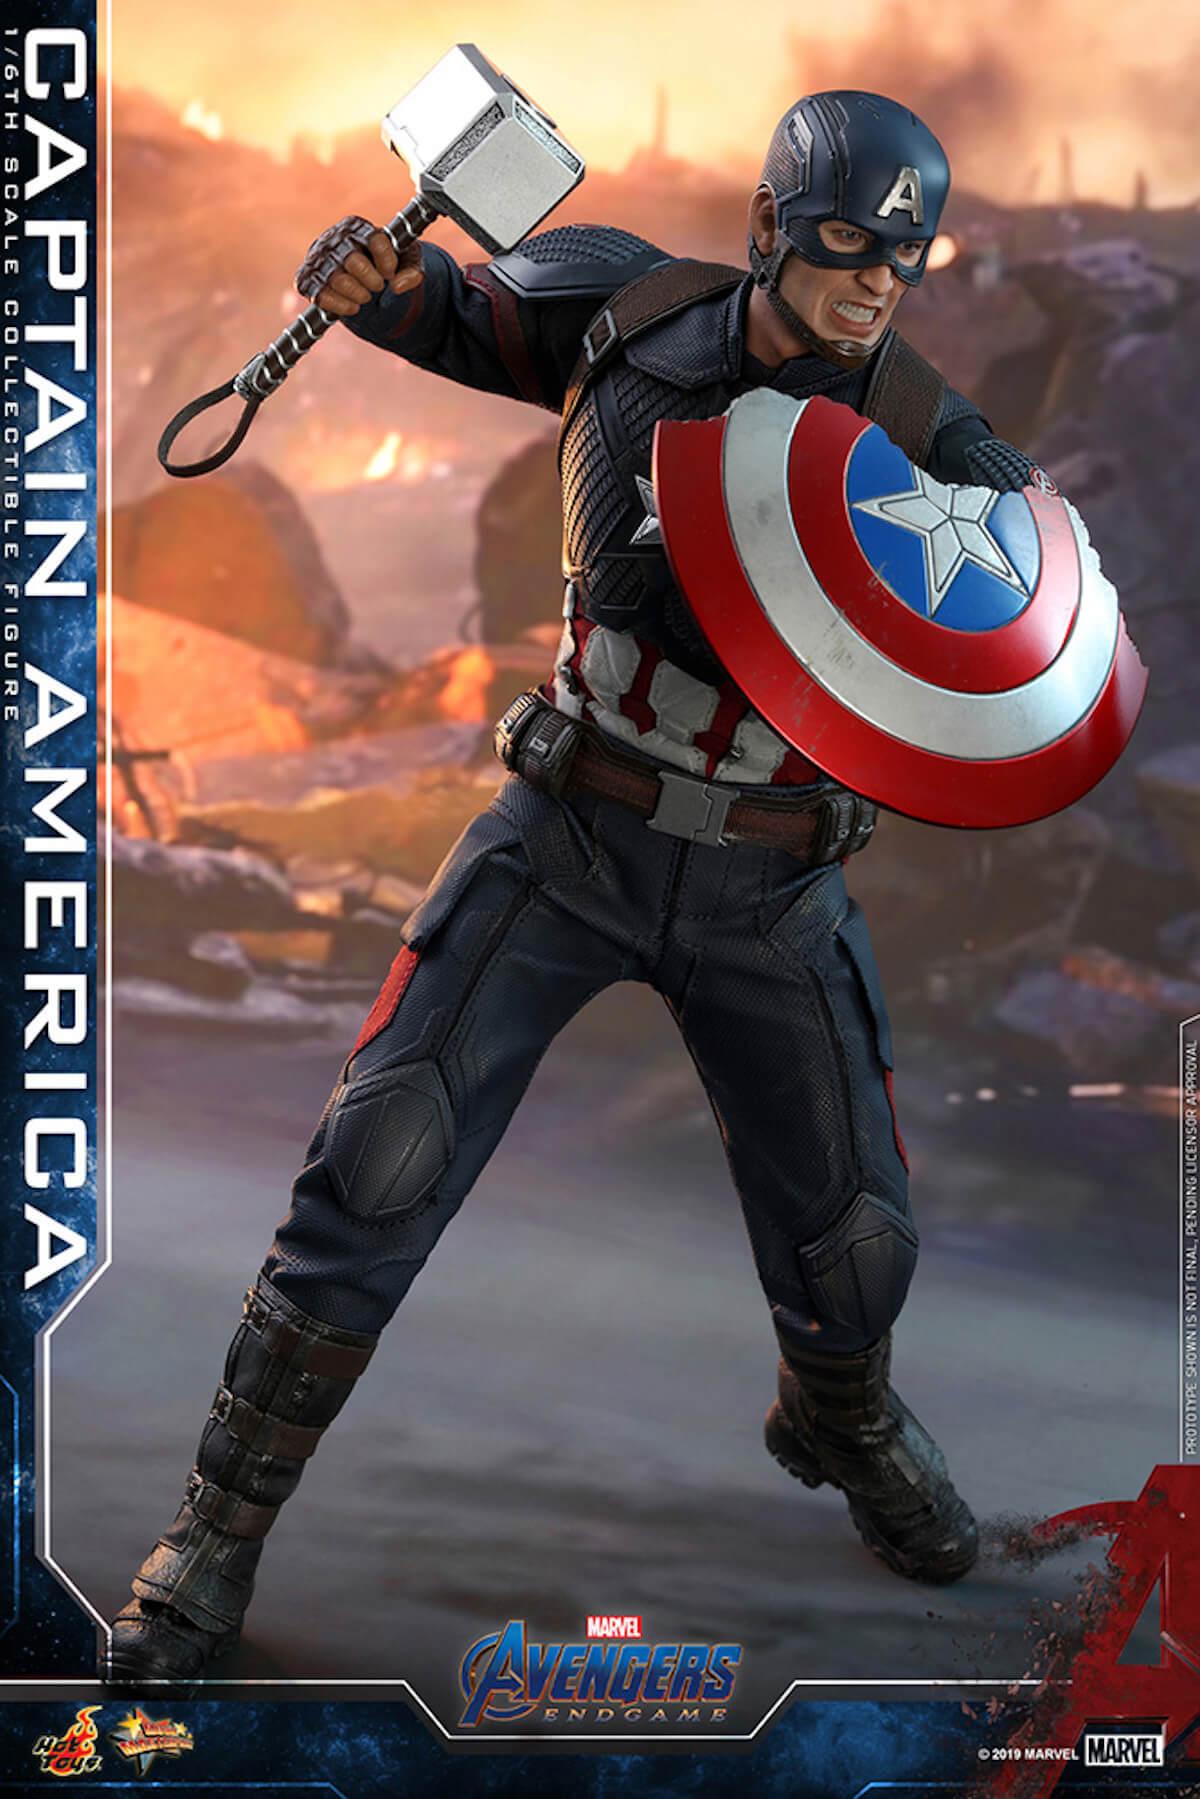 ホットトイズから『アベンジャーズ/エンドゲーム』の精巧なフィギュアが続々登場!キャプテン・アメリカ、アイアンマンら life190521_avengers_hottoys_5